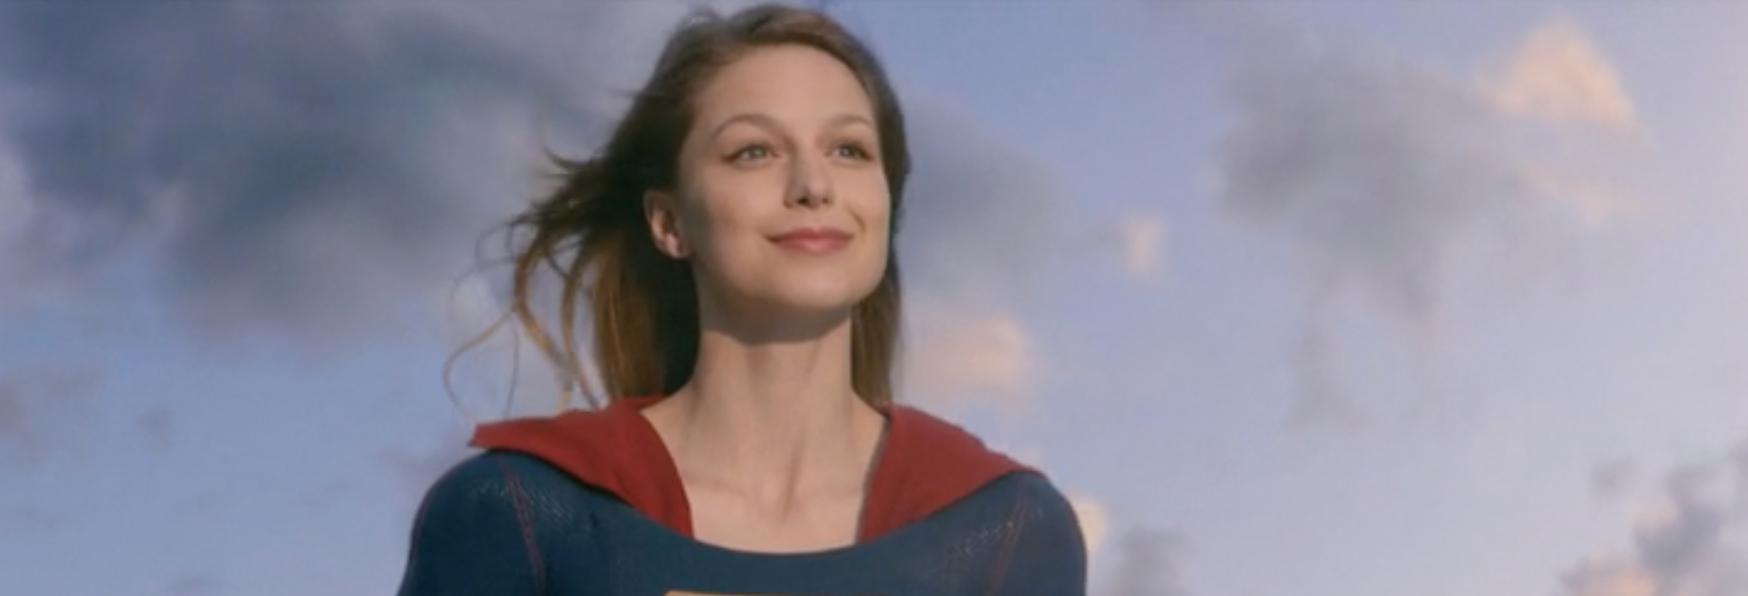 Supergirl 6: nella Stagione Conclusiva rivedremo Personaggi già Conosciuti